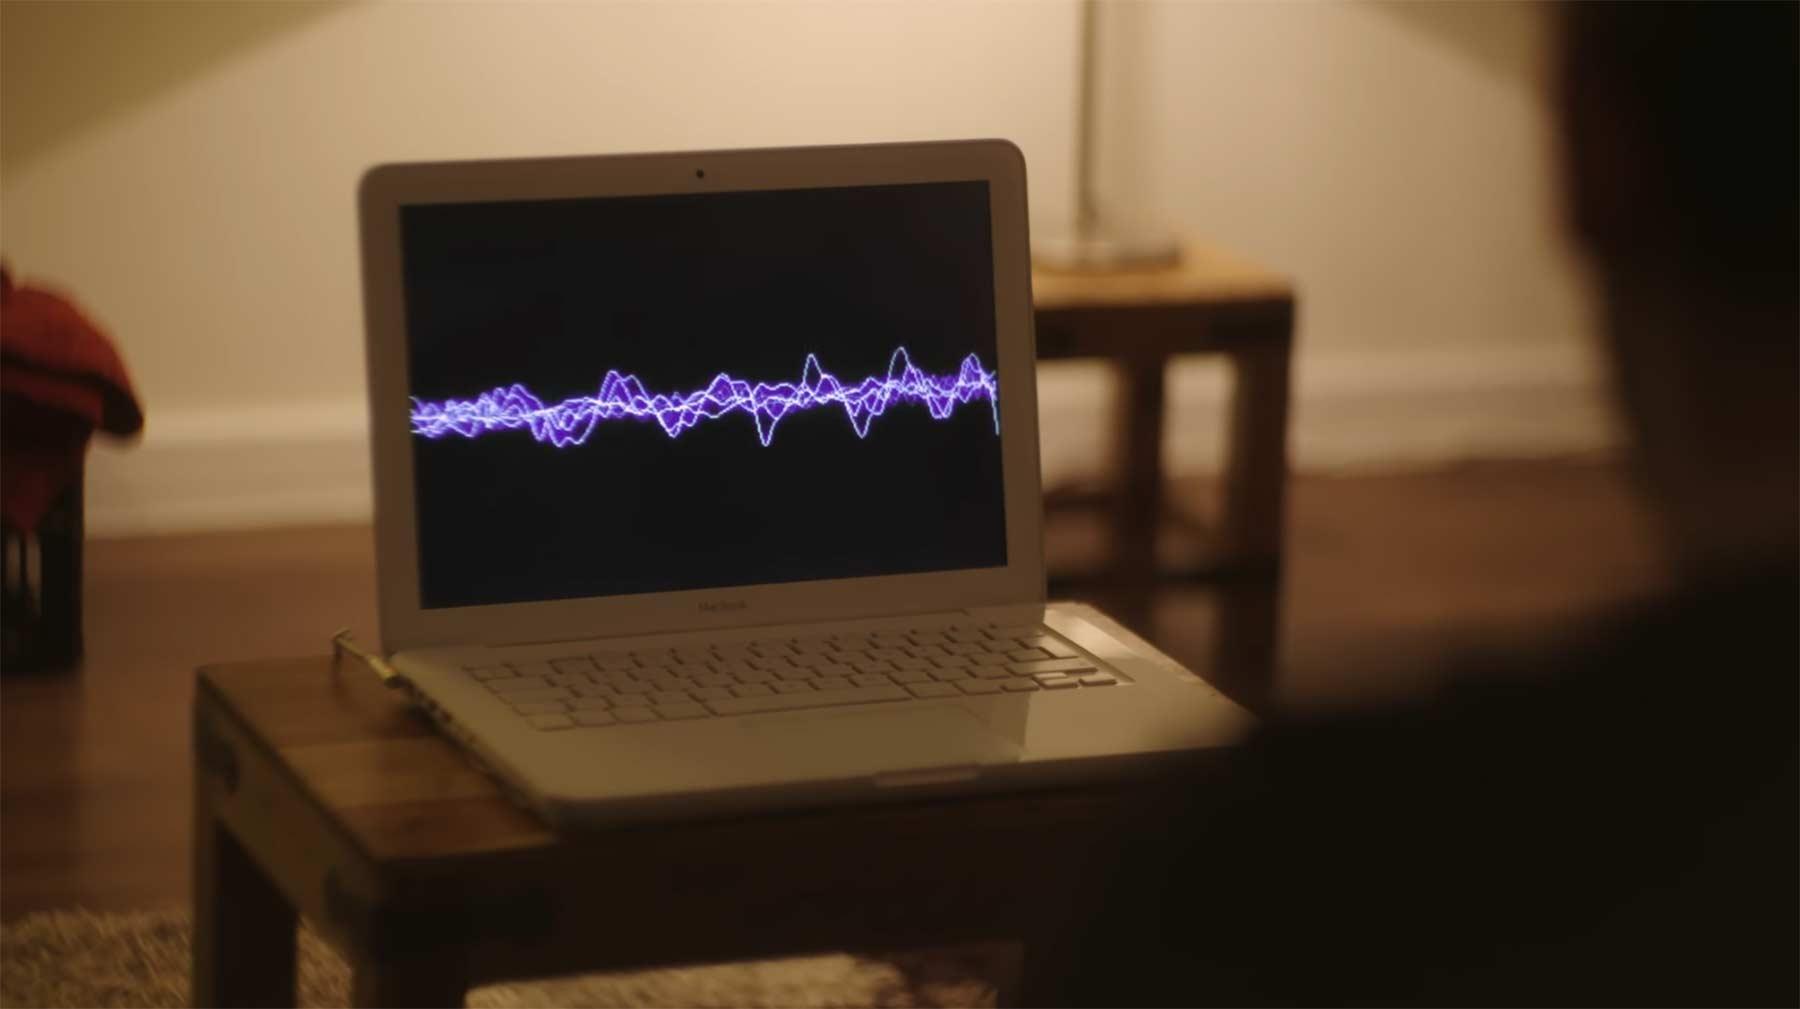 Wenn Laptops ein Bewusstsein hätten laptop-mit-bewusstsein